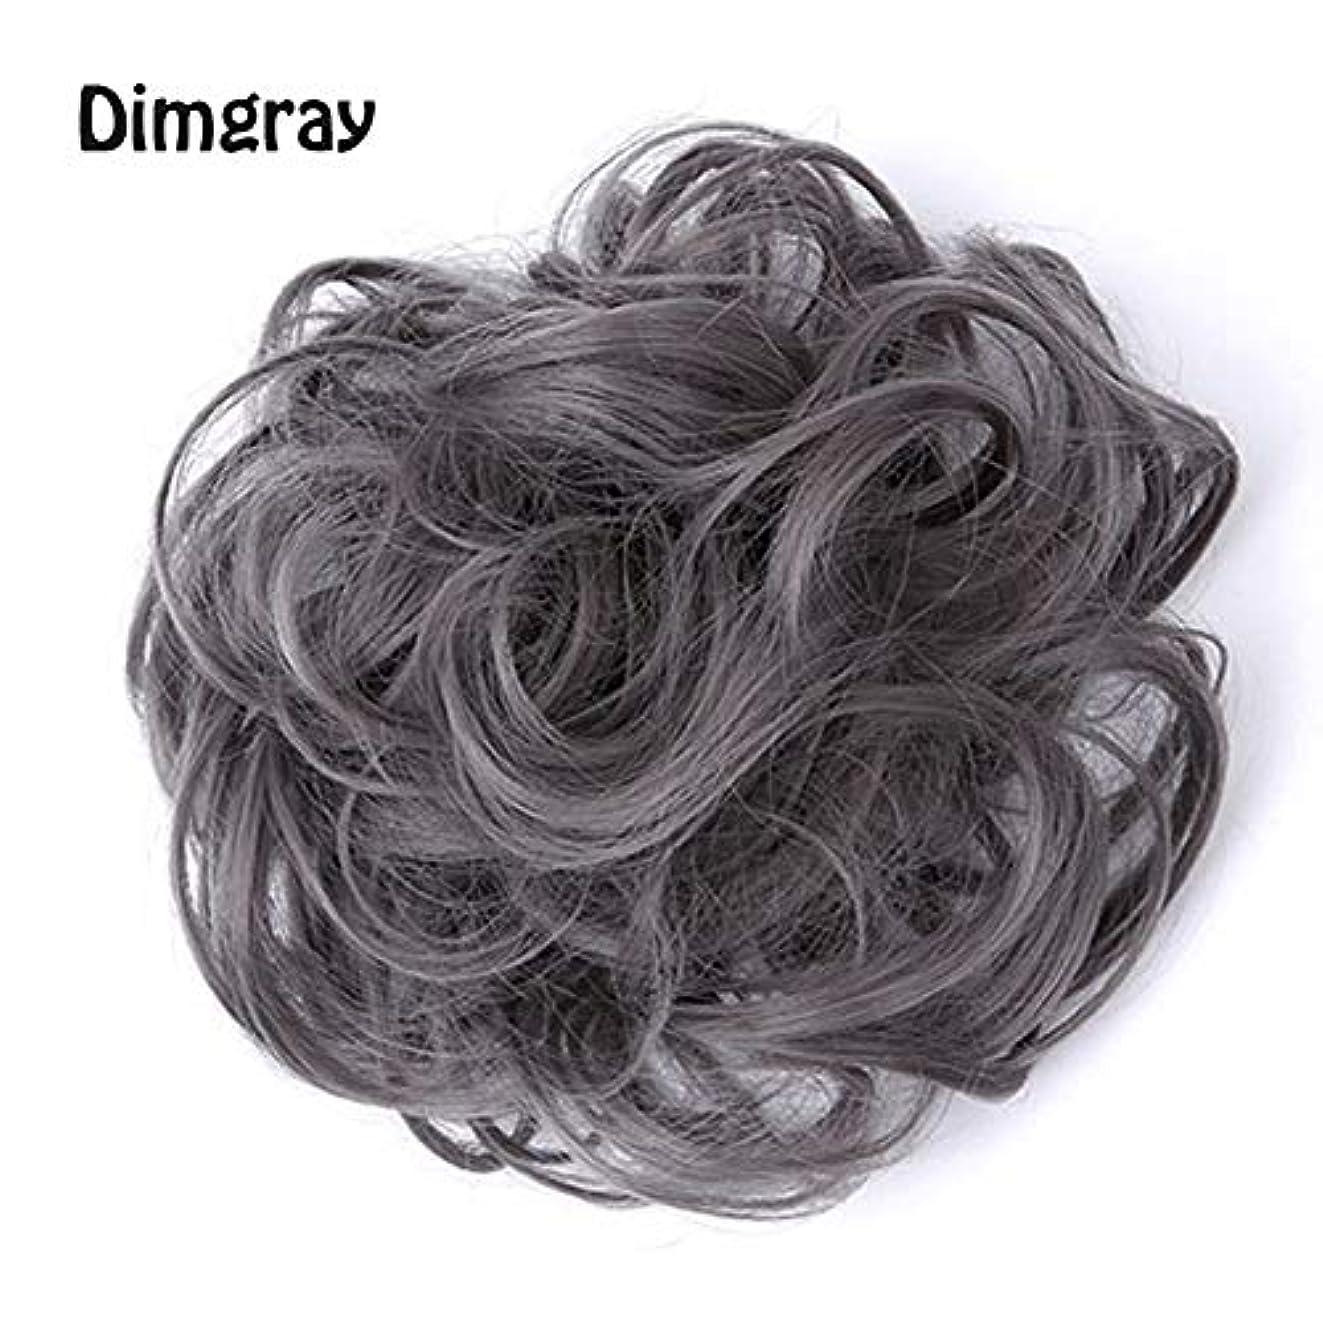 有効化するだろうハイランド乱雑な髪のお団子シュシュの拡張機能、ポニーテールシニョンドーナツアップ、女性用カーリー波状リボンアクセサリー